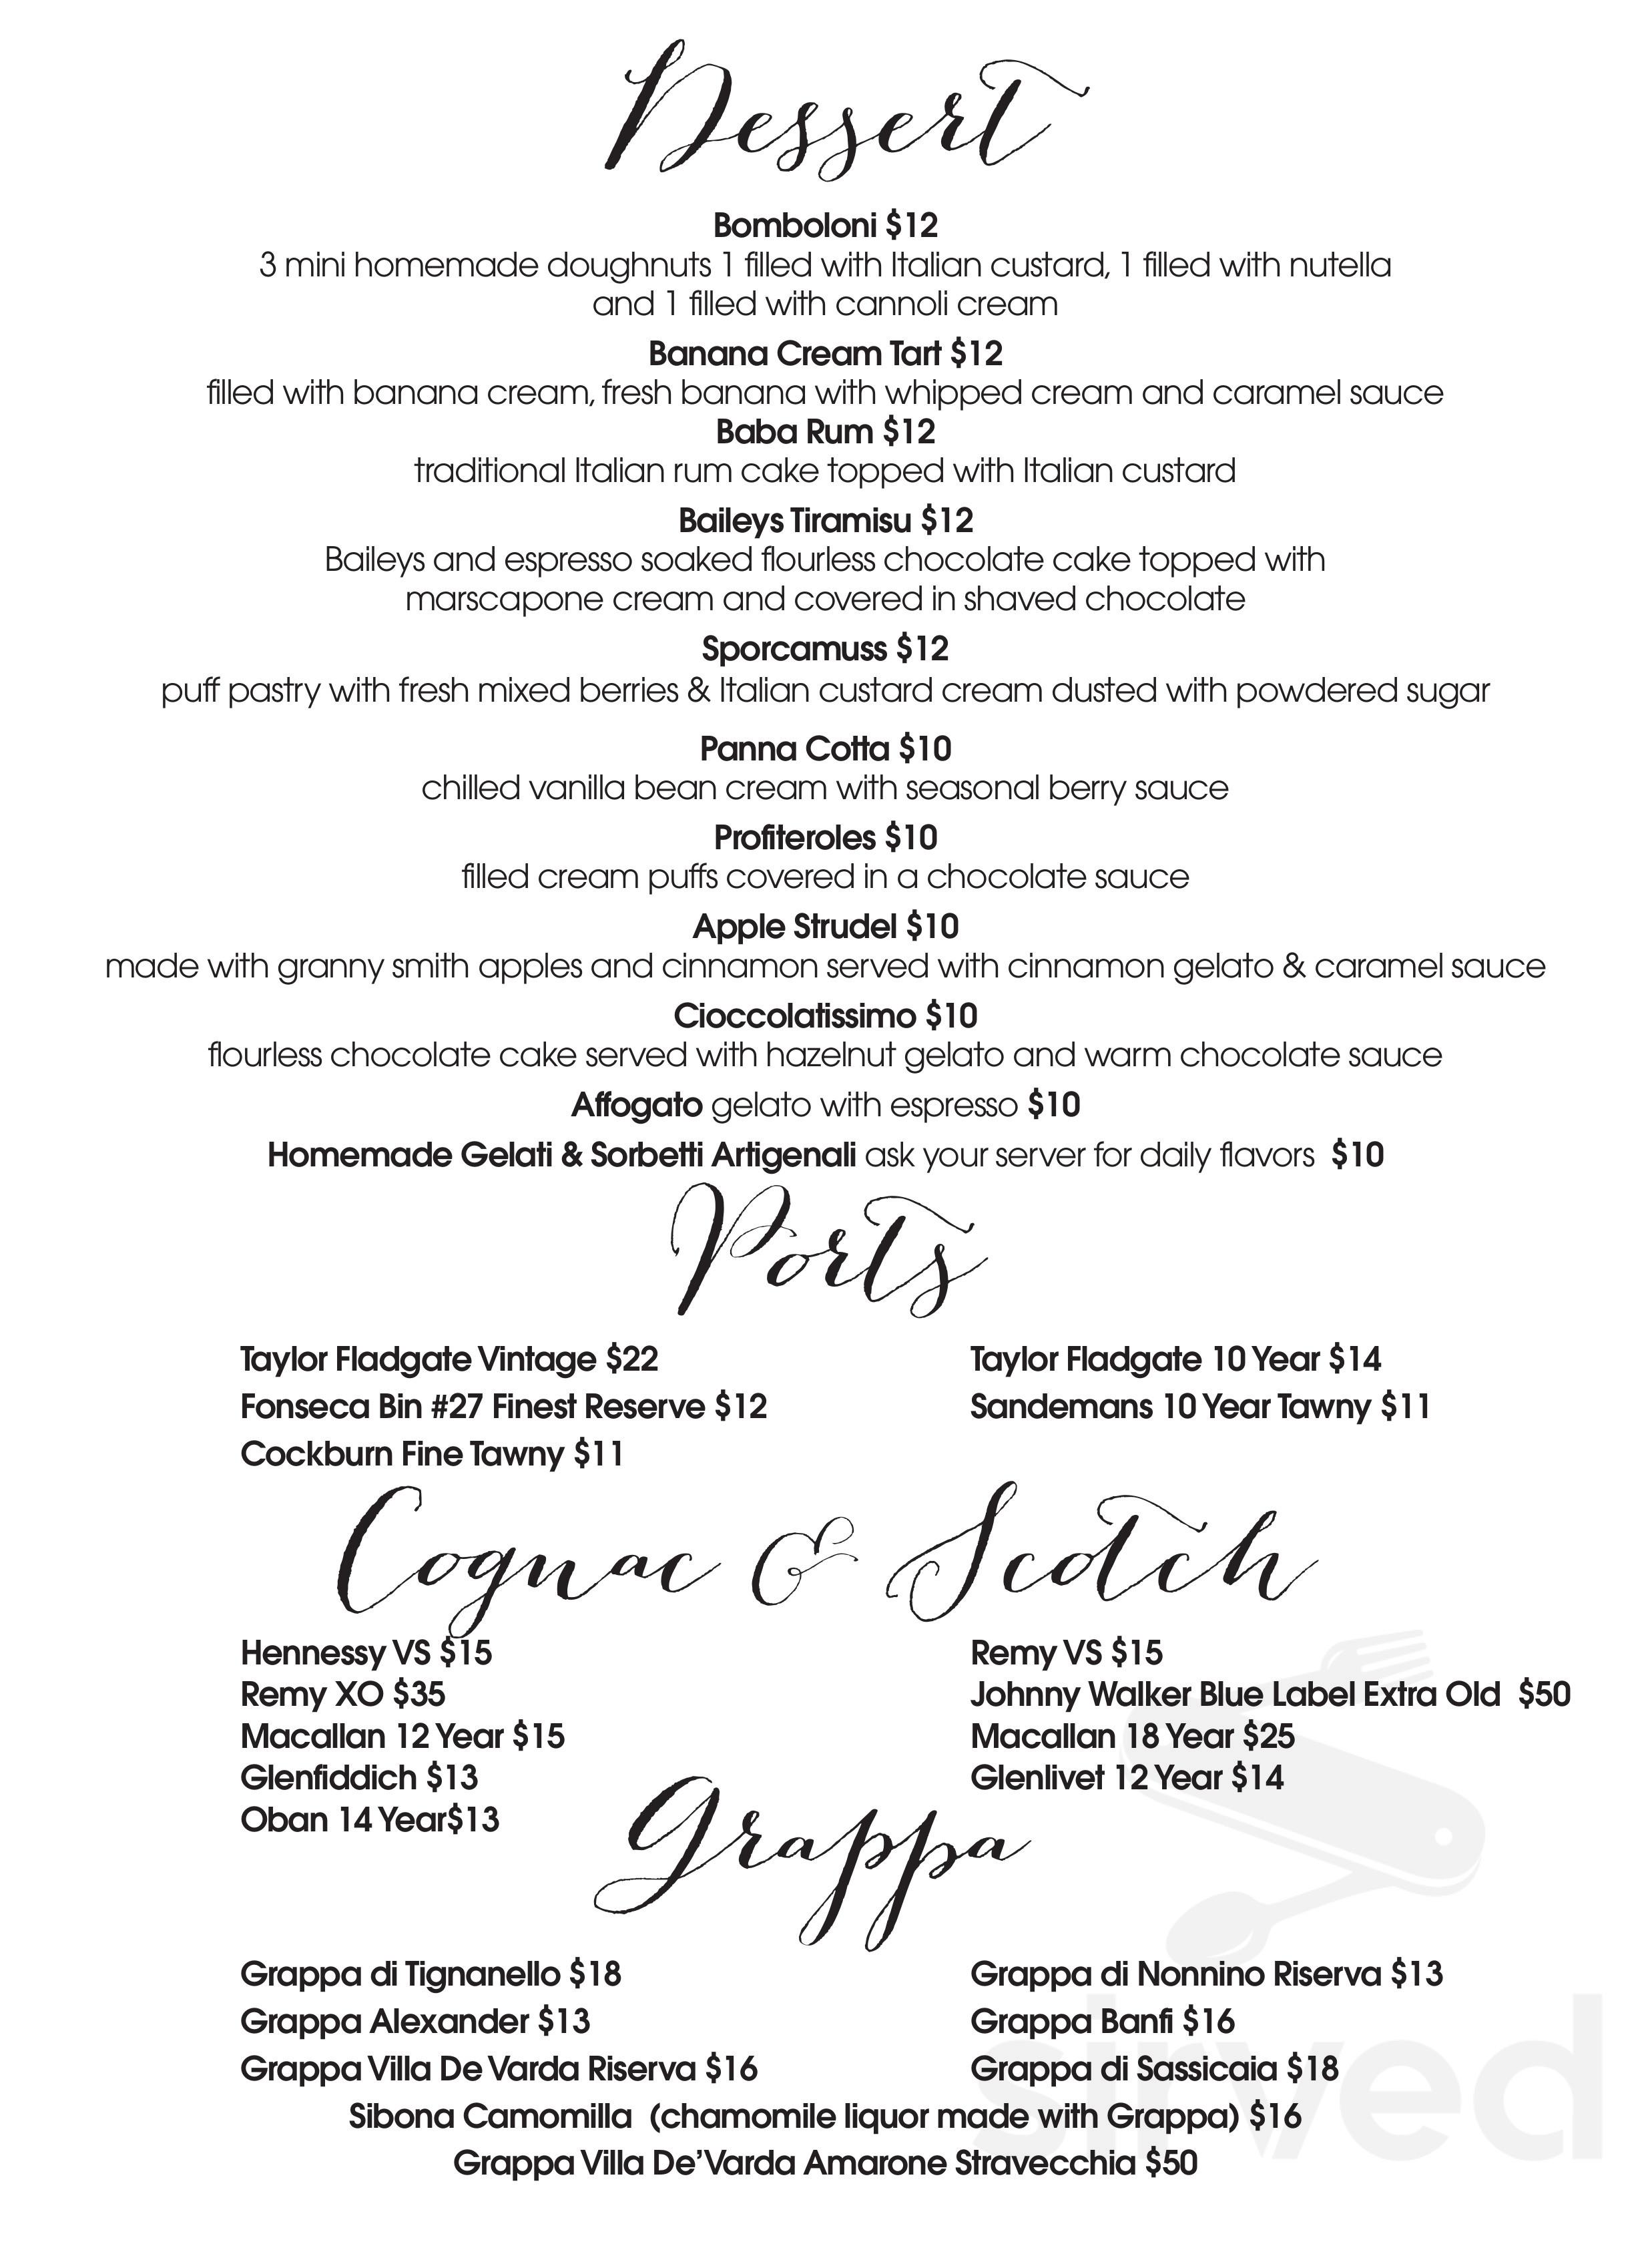 Menu for La Nonna Bella - DESSERT page 1 of 5